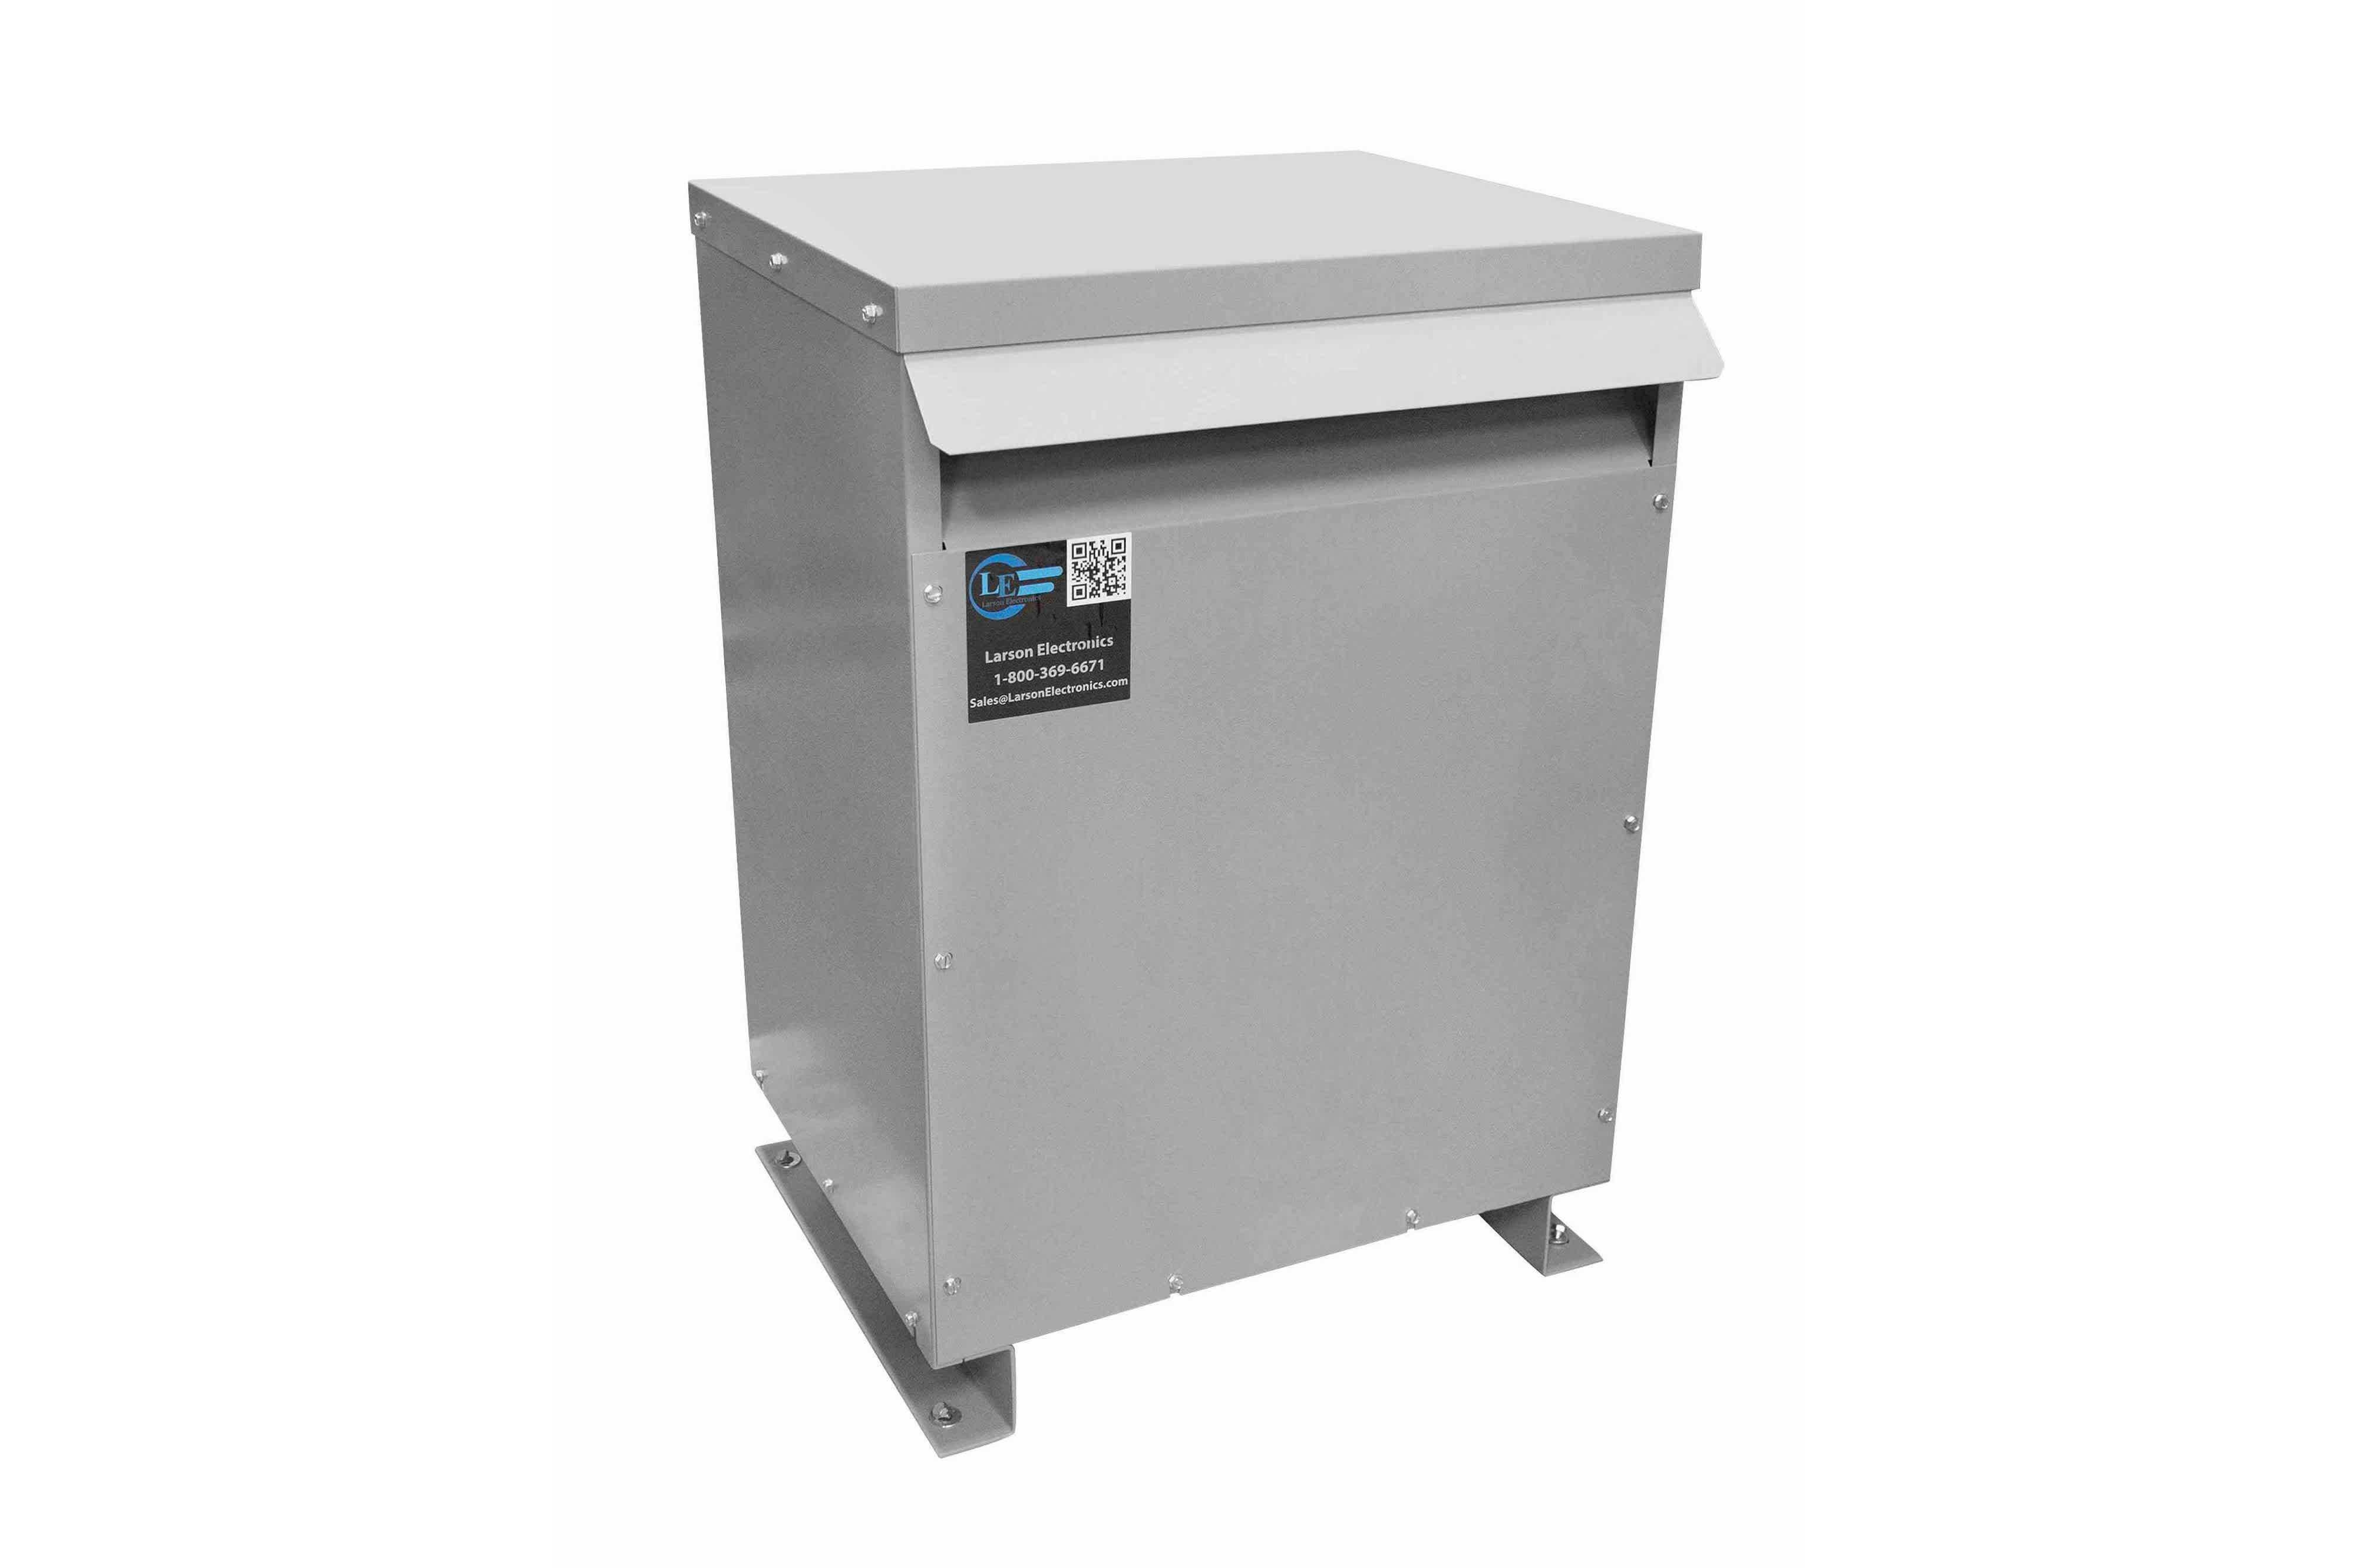 500 kVA 3PH Isolation Transformer, 400V Delta Primary, 480V Delta Secondary, N3R, Ventilated, 60 Hz